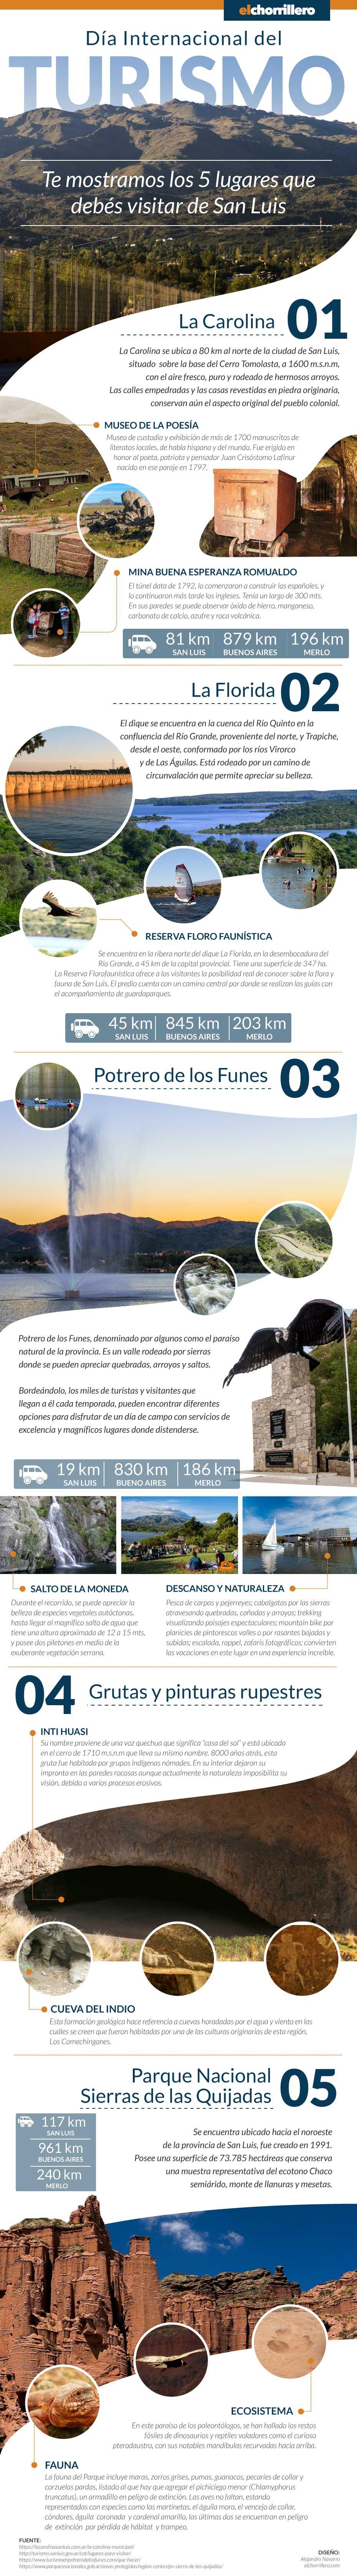 D a internacional del turismo 5 lugares para visitar de san luis el chorrillero